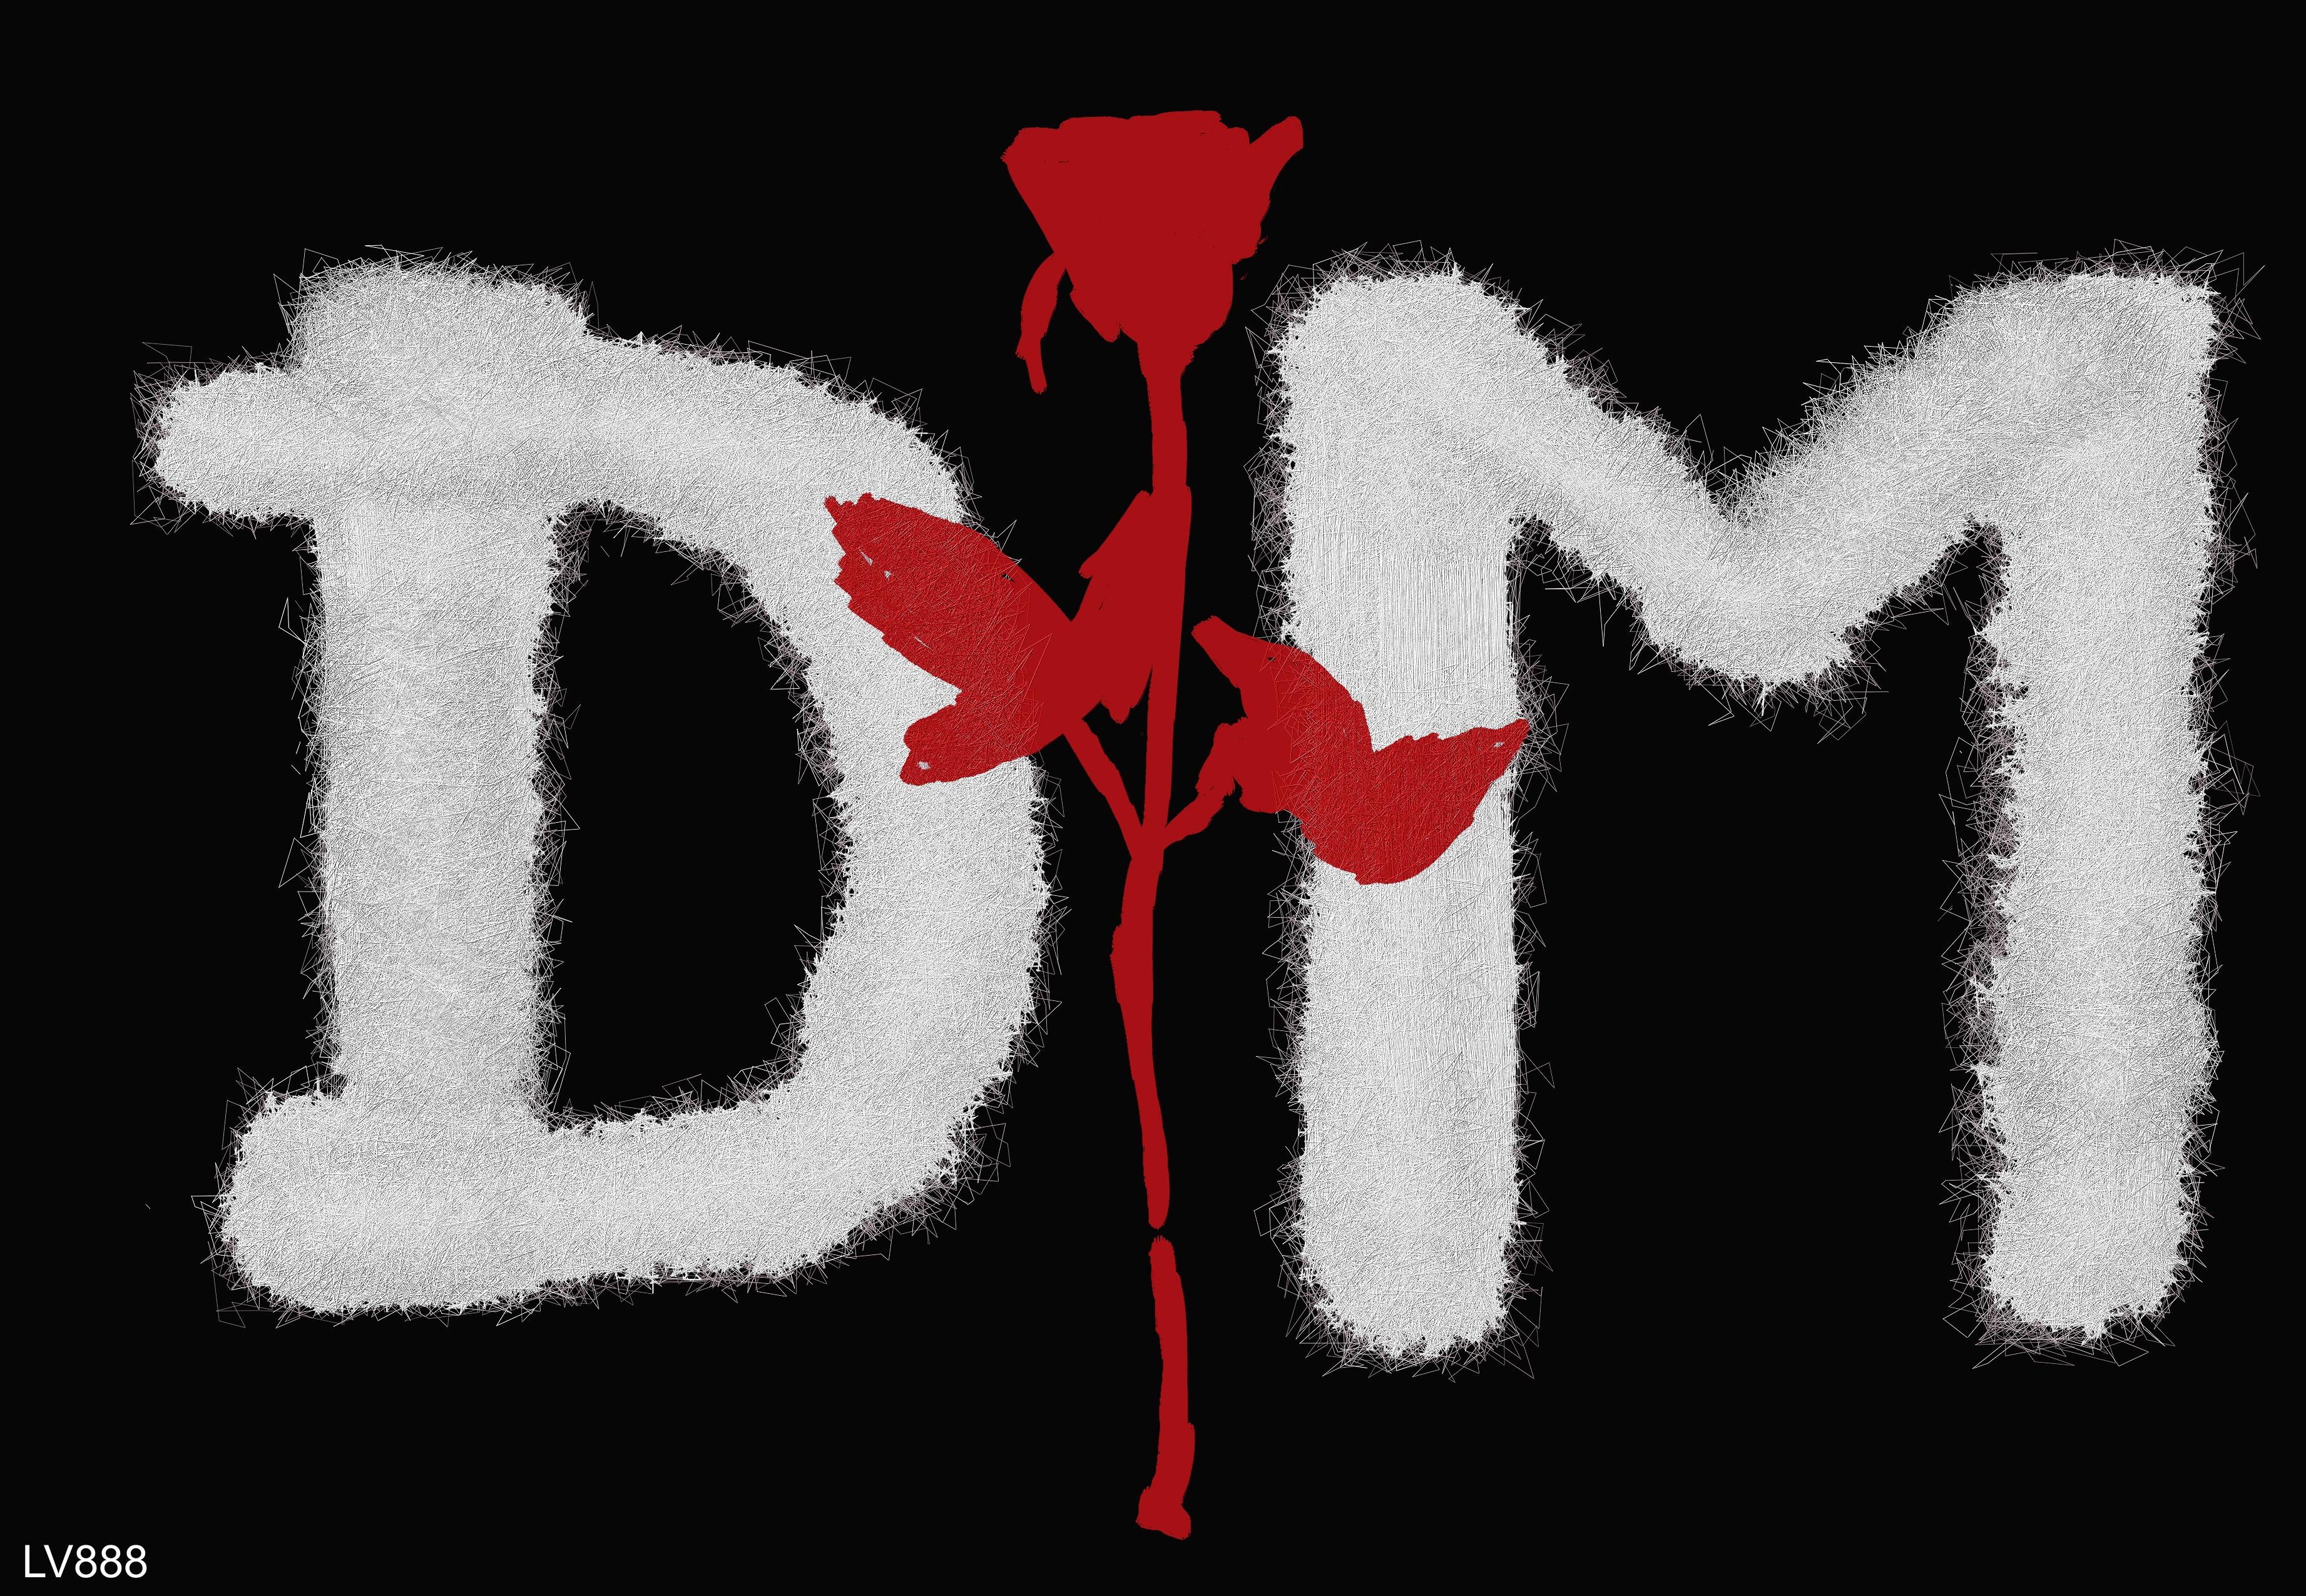 depeche mode logo v882 by lv888 on deviantart